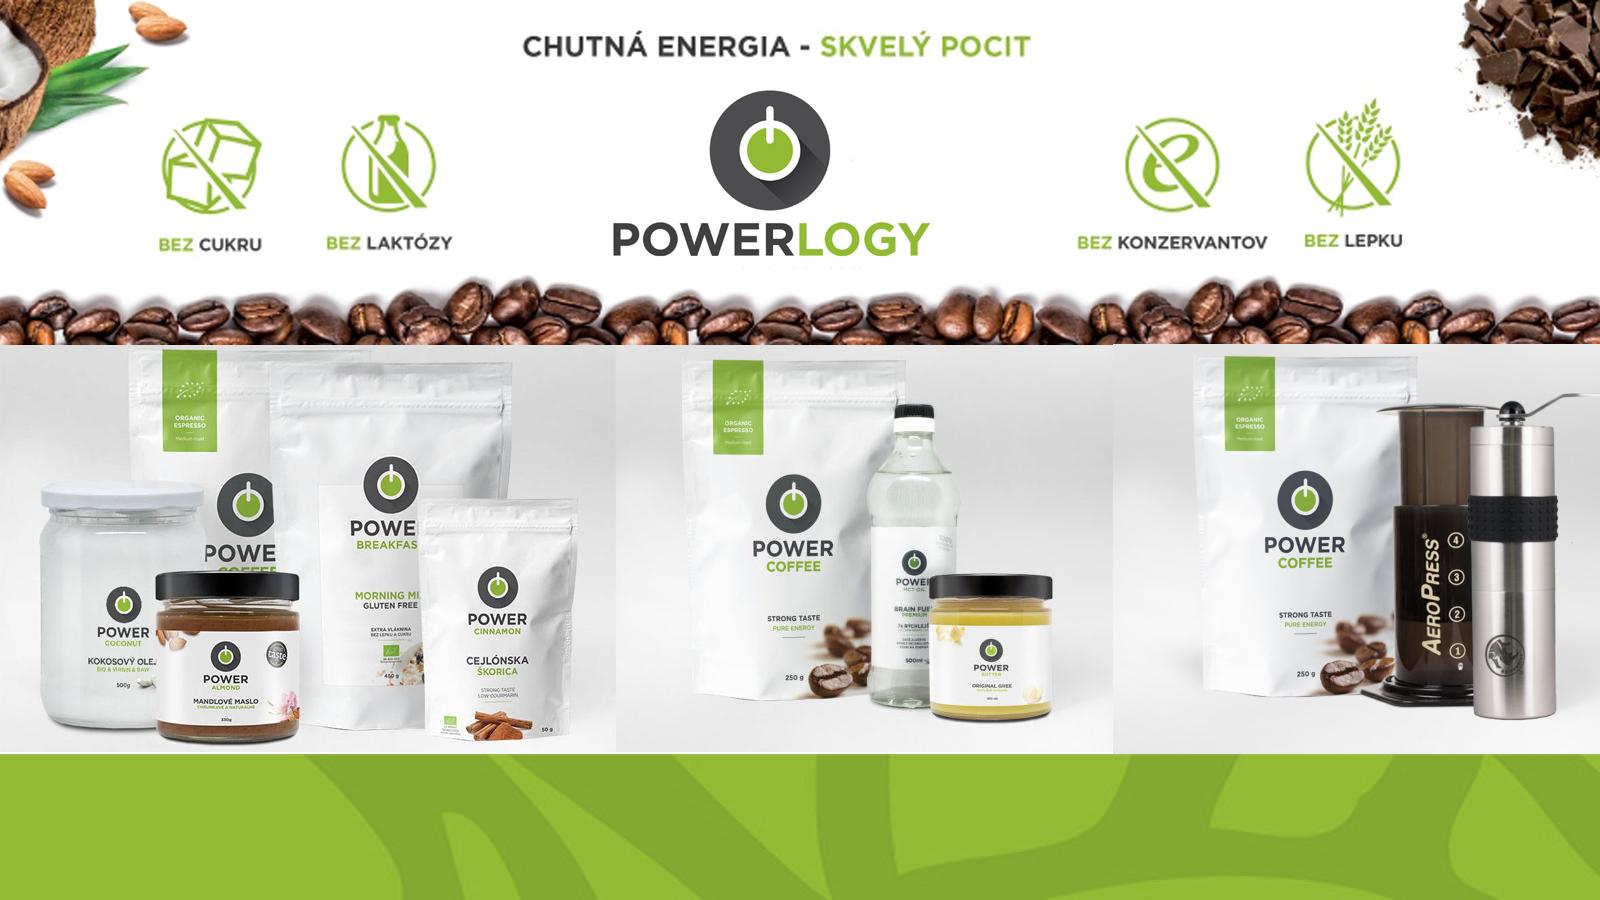 Potrpíte si na kvalitnej výžive? POWERLOGY predstavuje zdravé a podstivo vyrábané produkty pre každodenný život